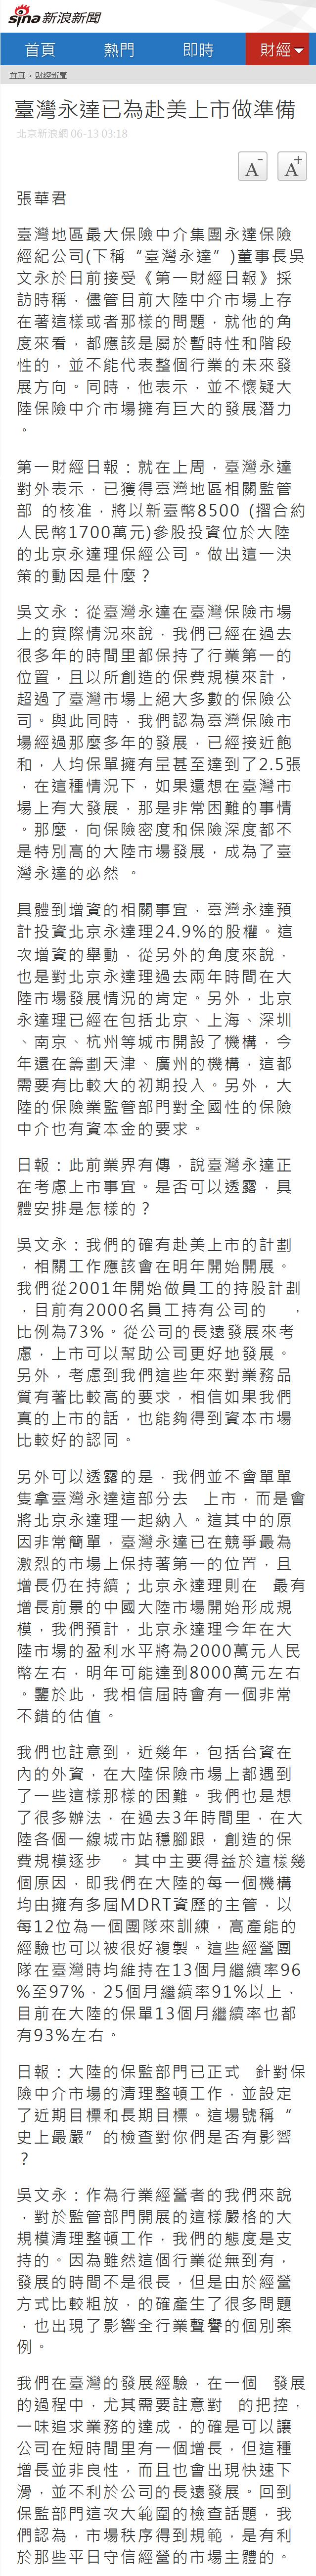 臺灣永達已為赴美上市做準備報導圖檔